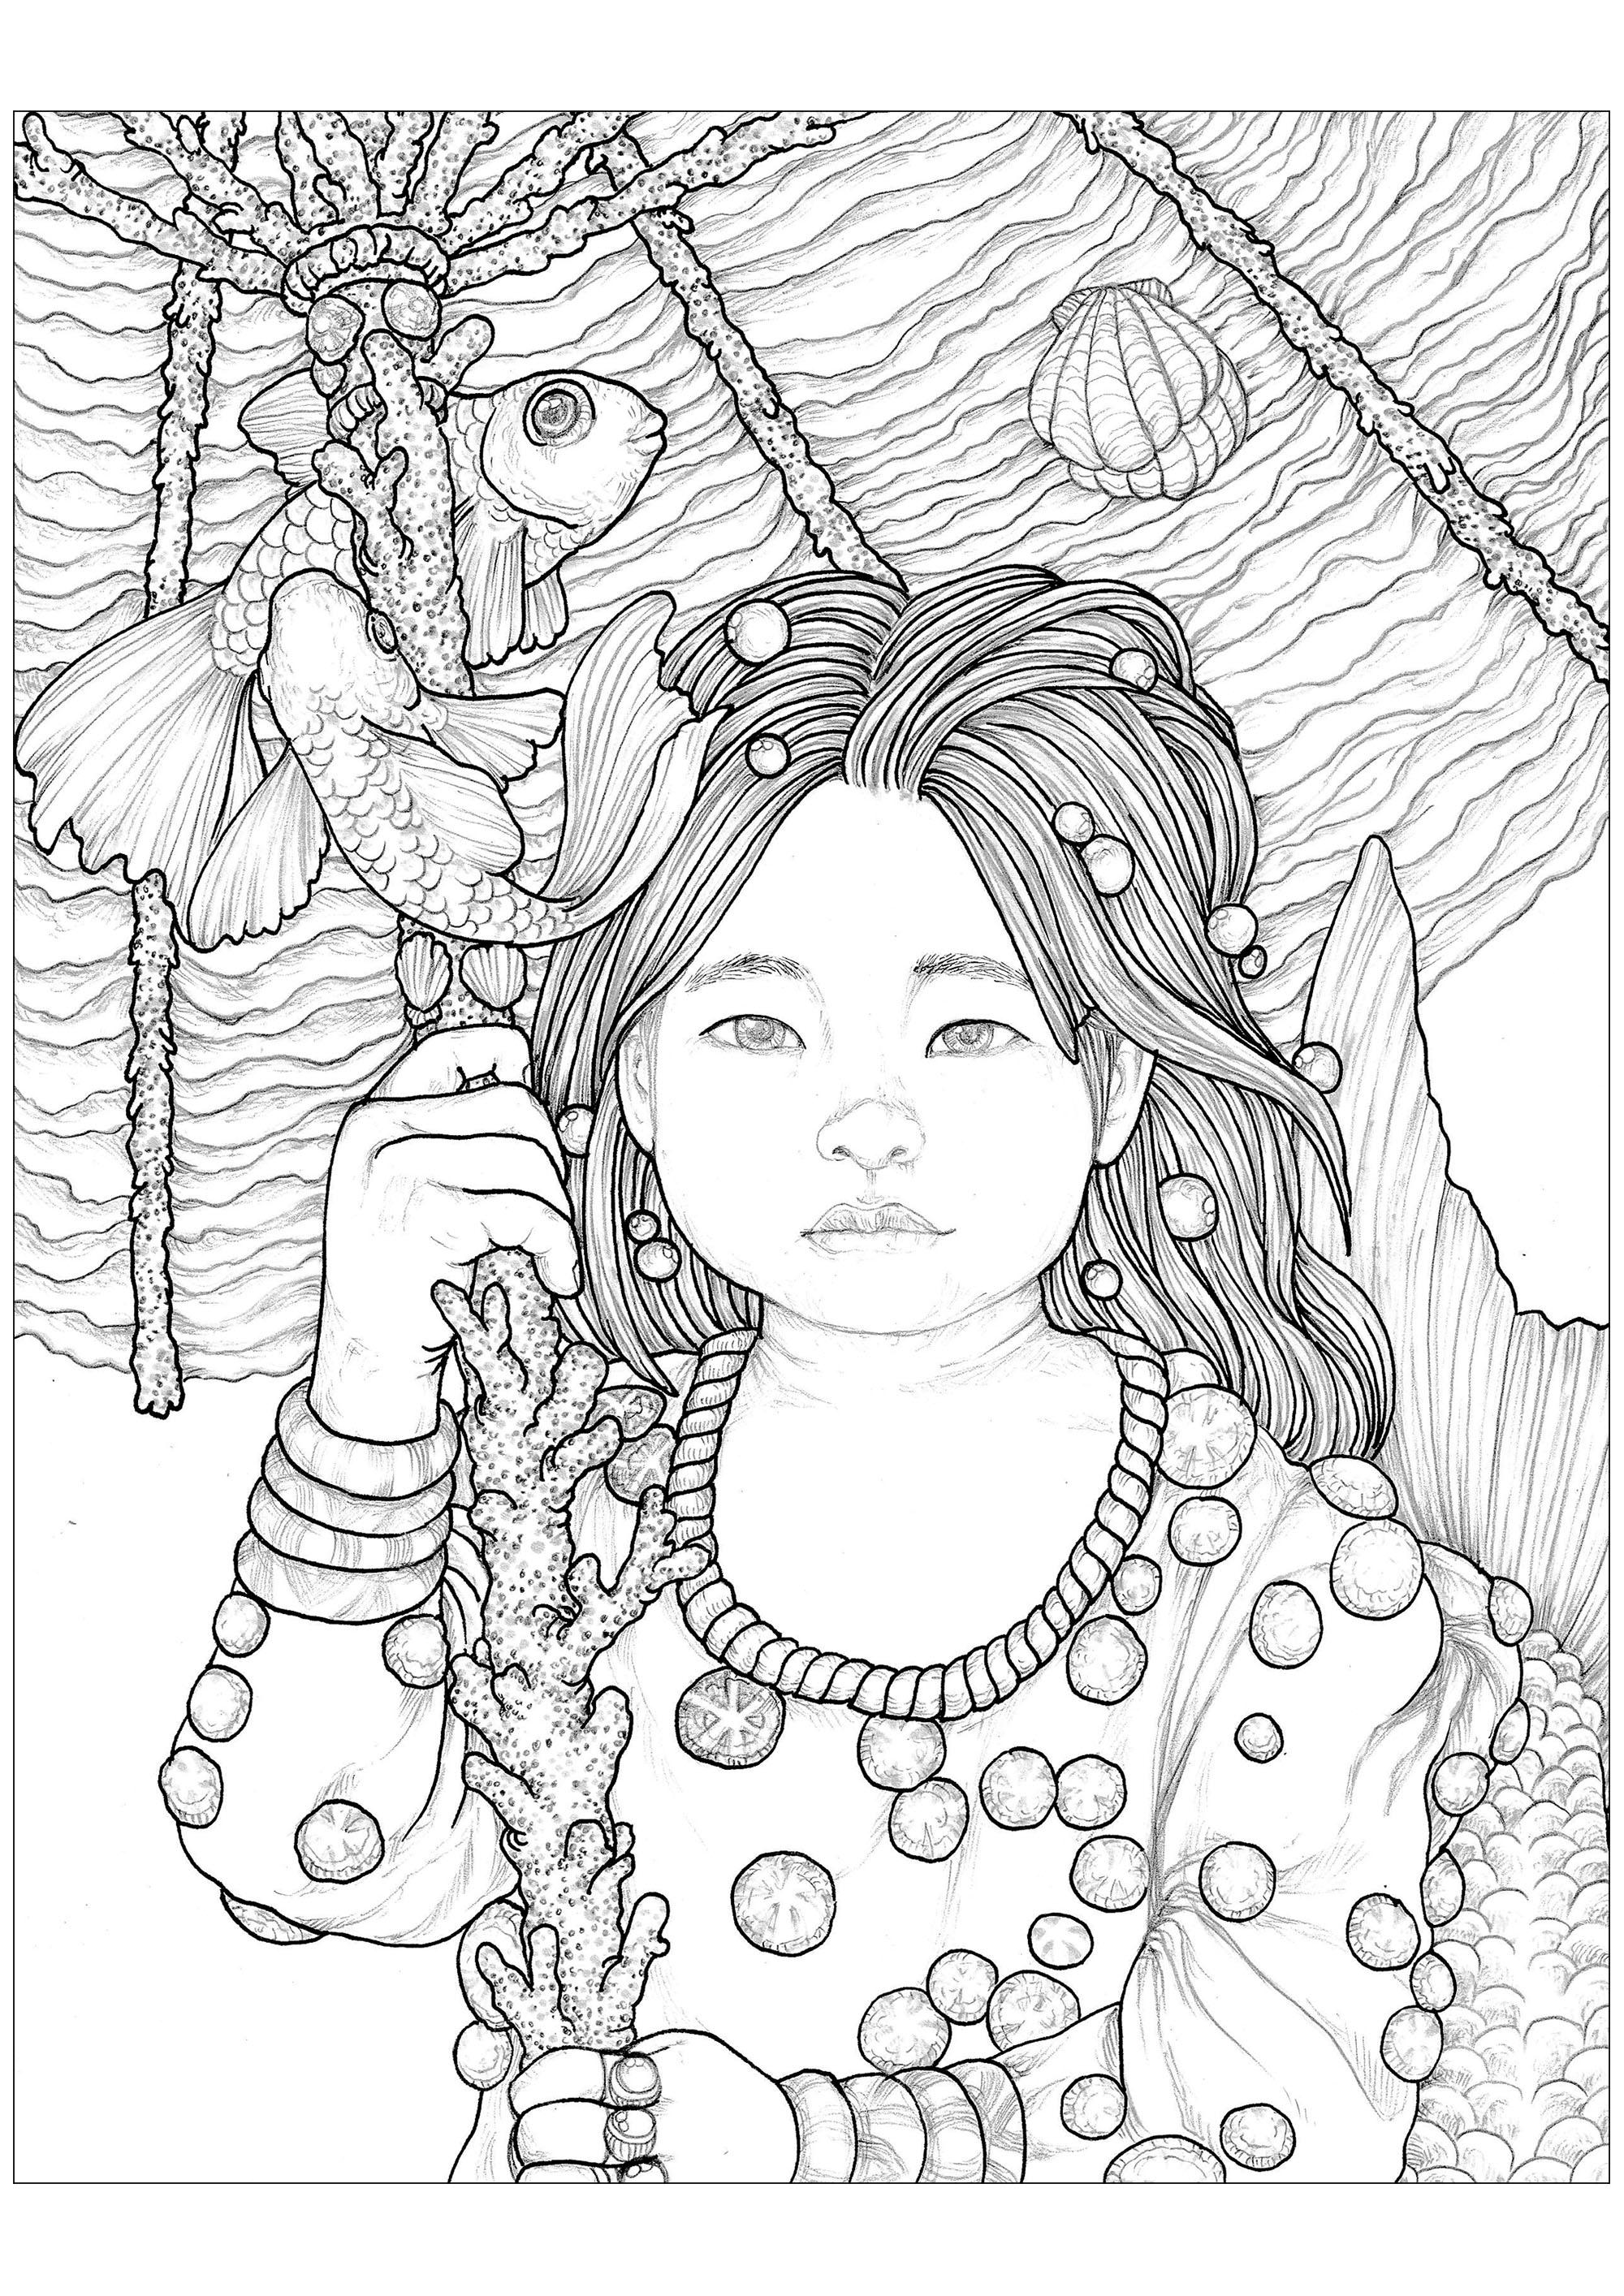 'Enfantasia' : une mystérieuse petite fille à colorier